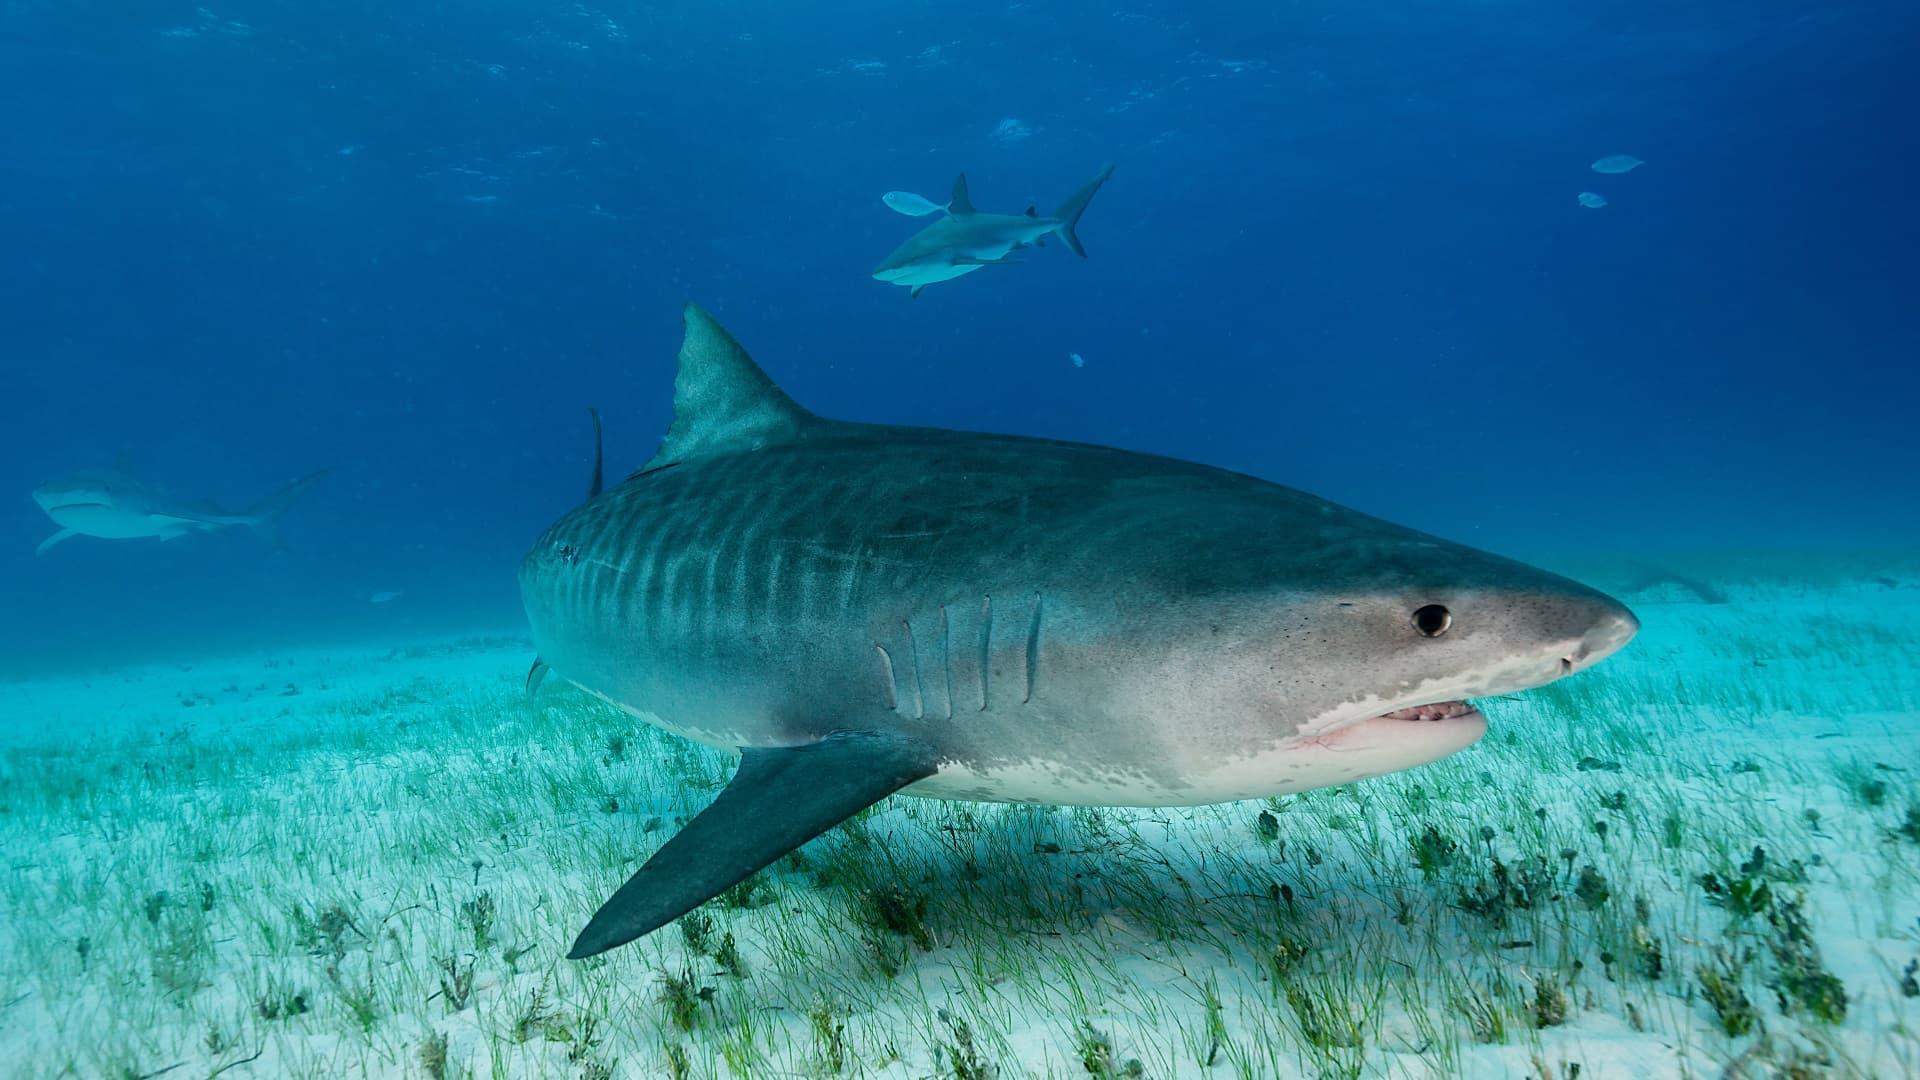 Un requin tigre nageant près du fond